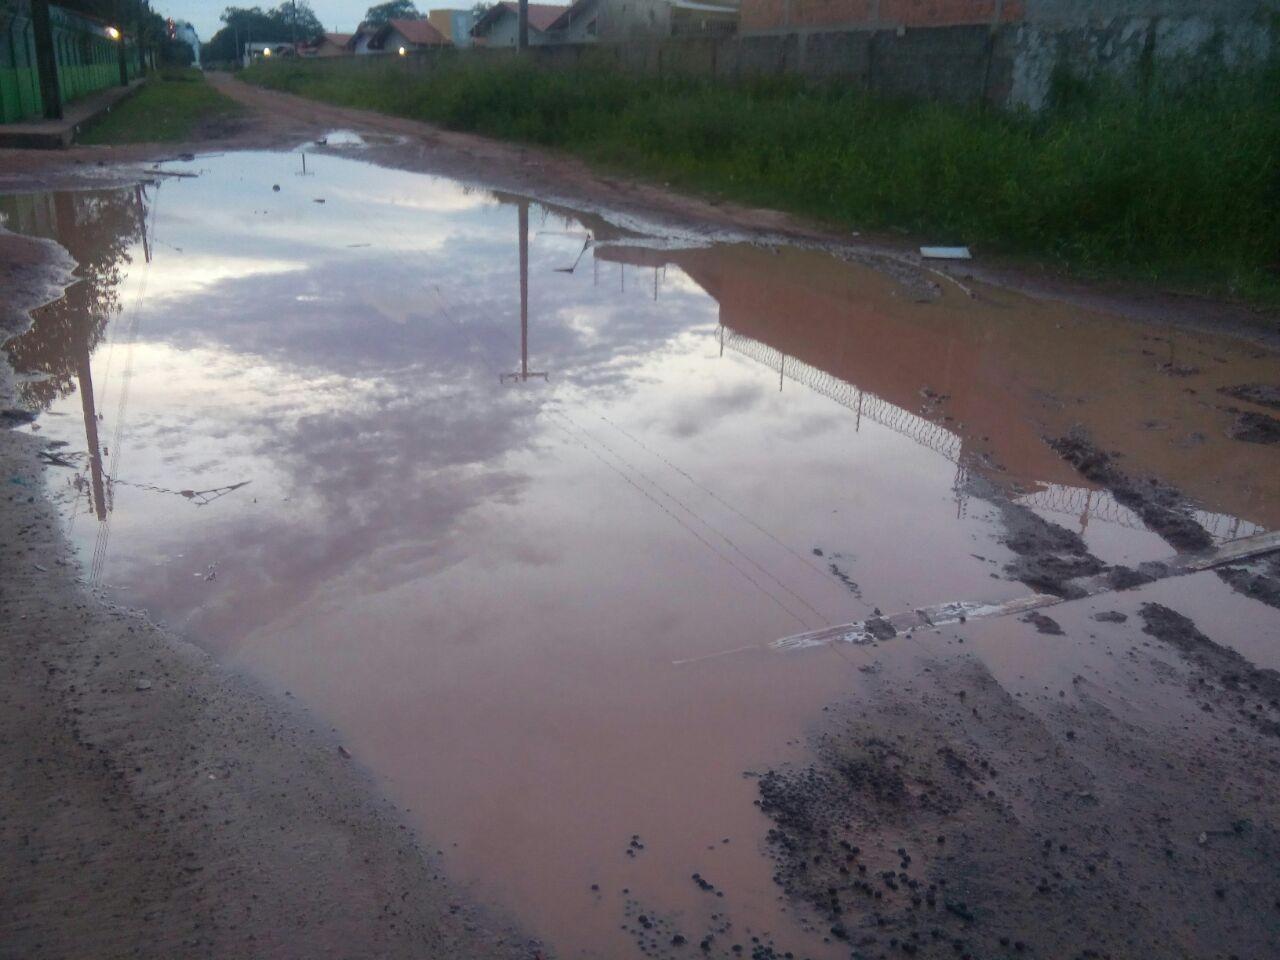 Poças de lama formadas em via pública são motivo de insatisfação em bairro de Macapá